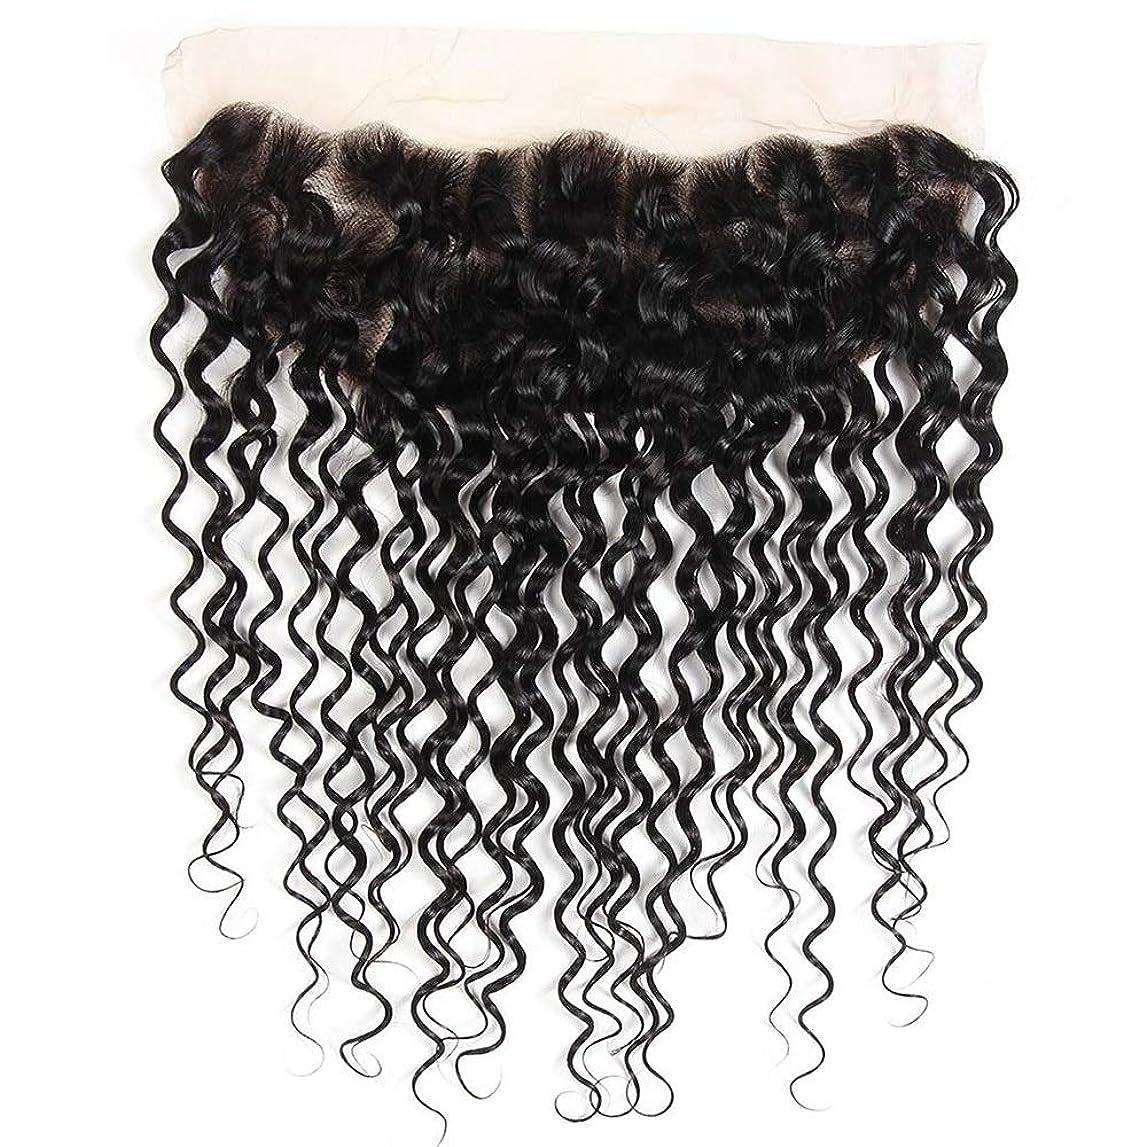 遅らせるテレックスディプロマMayalina ブラジルの水の波レミー人間の髪の毛13 * 4インチレース前頭閉鎖用女性8インチ-20インチショートカーリーウィッグ (色 : 黒, サイズ : 14inch)